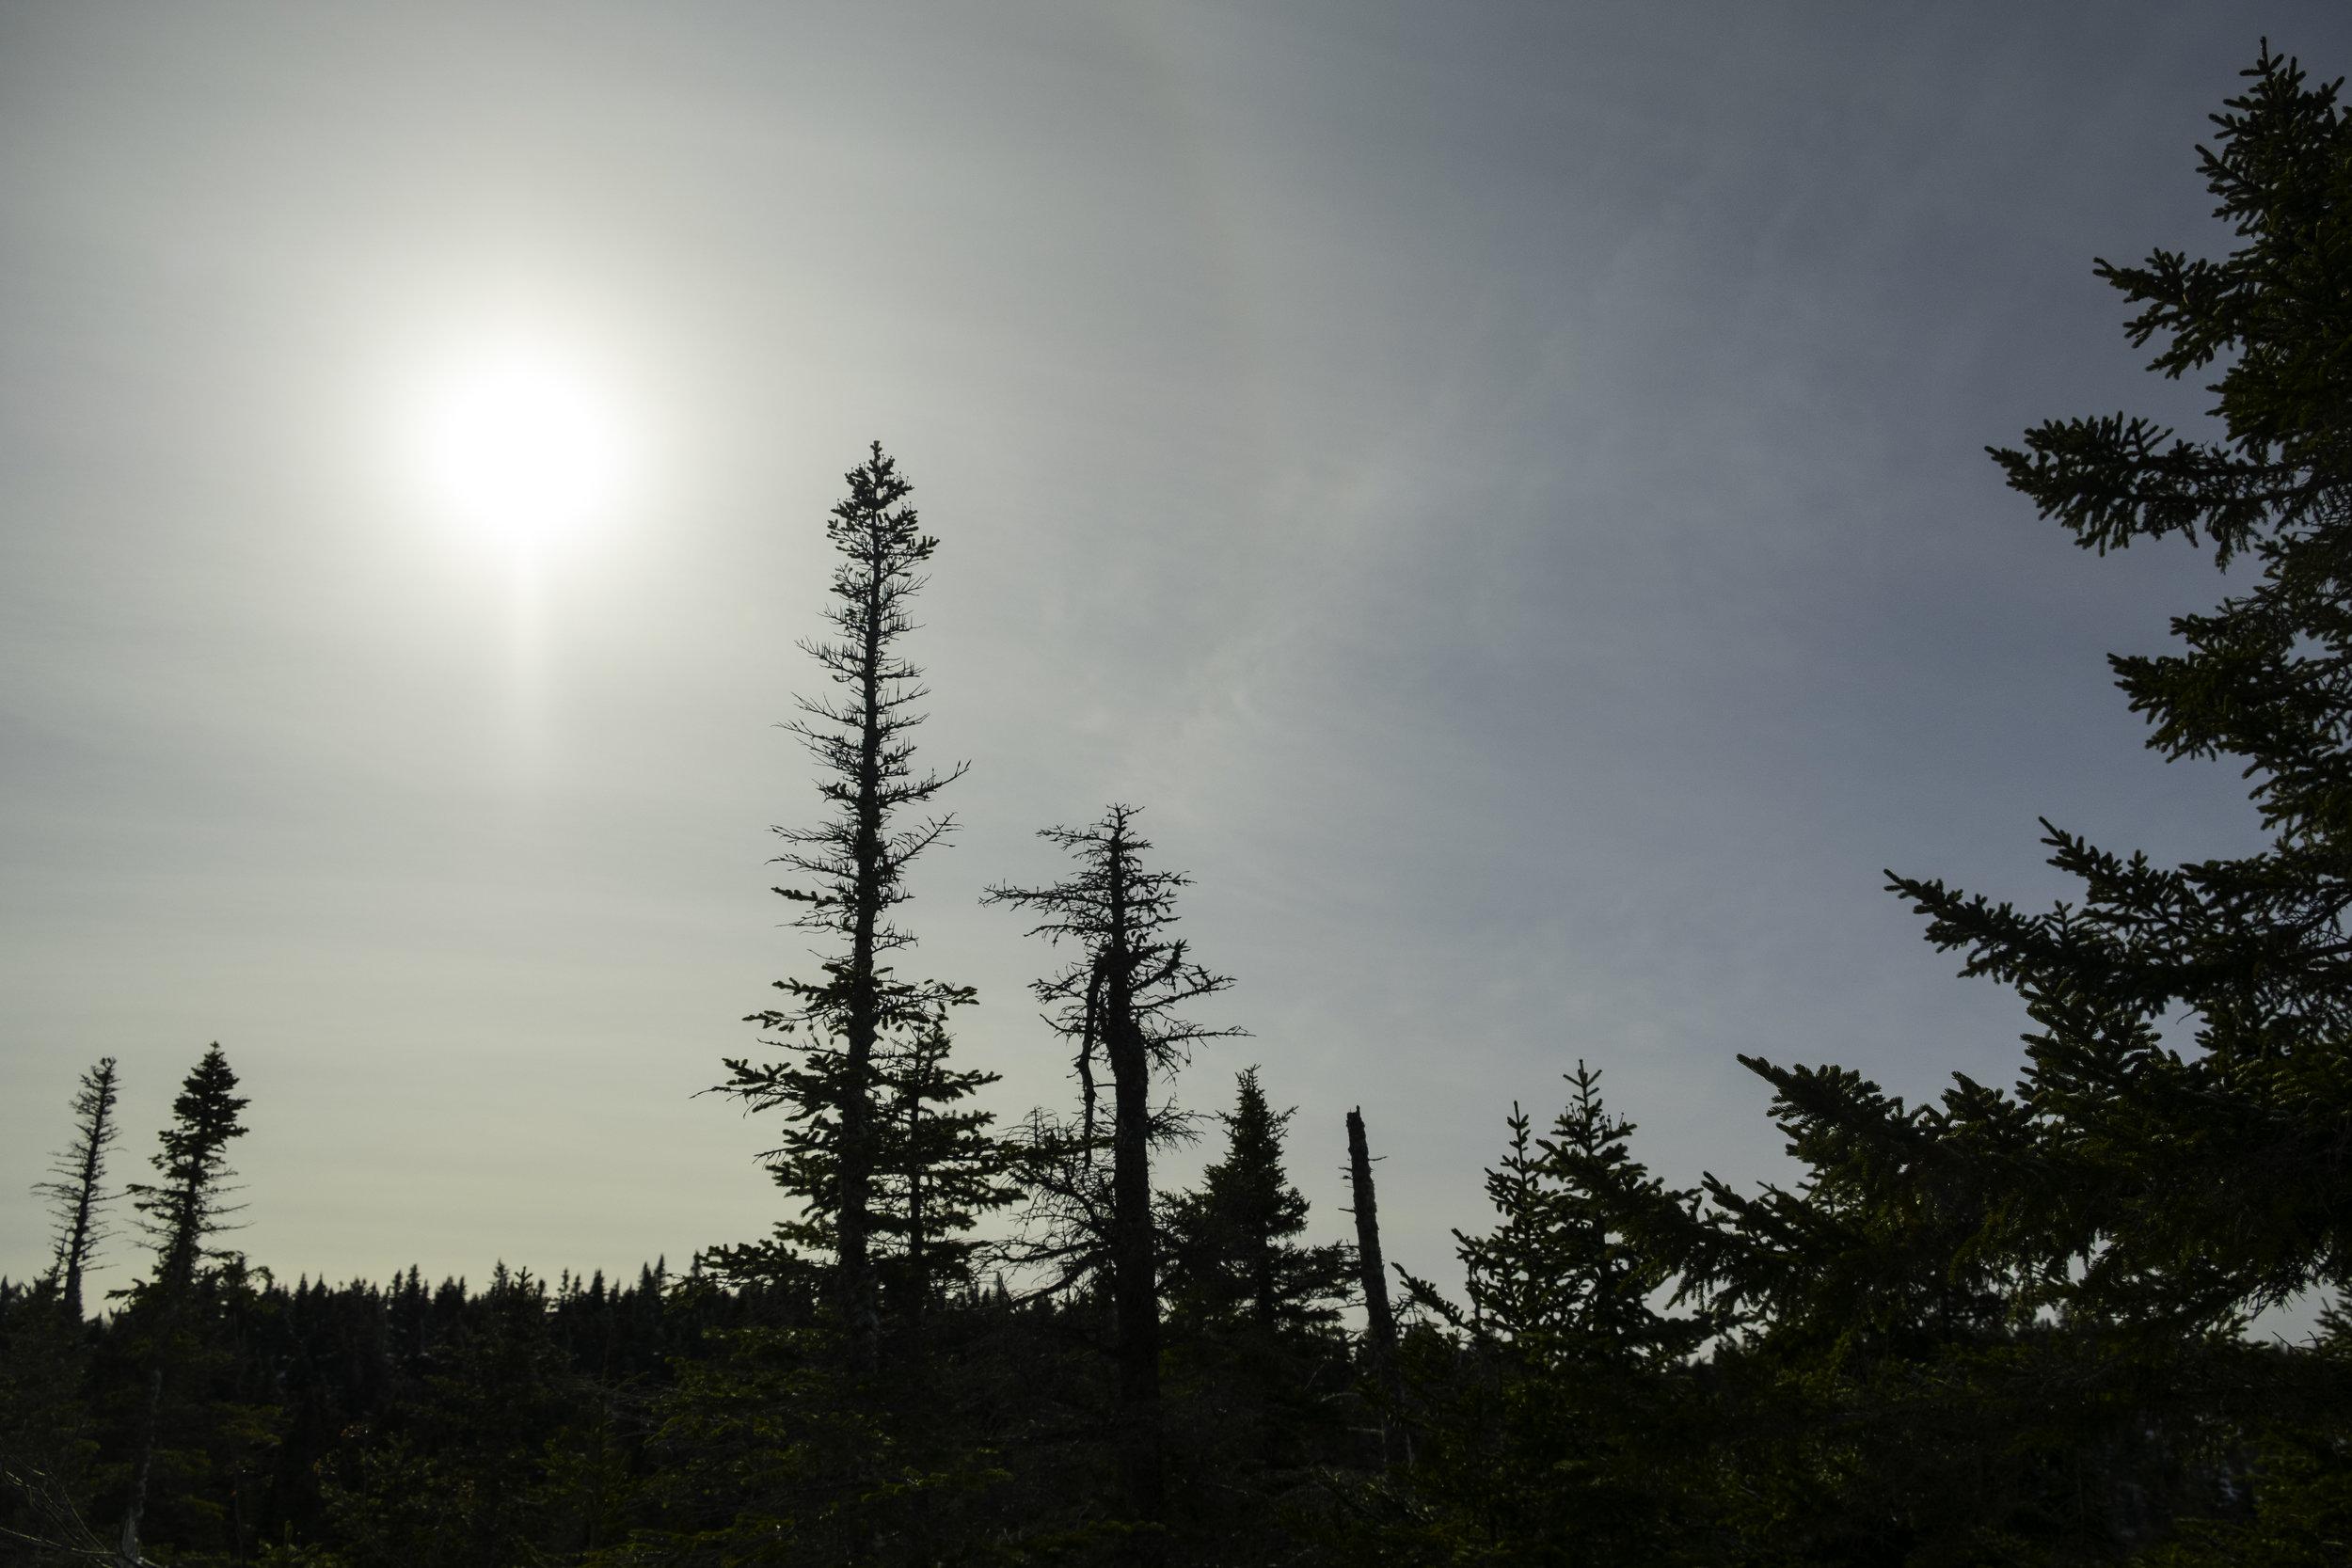 Another chancesun risesclimb, climb, climbawaken -